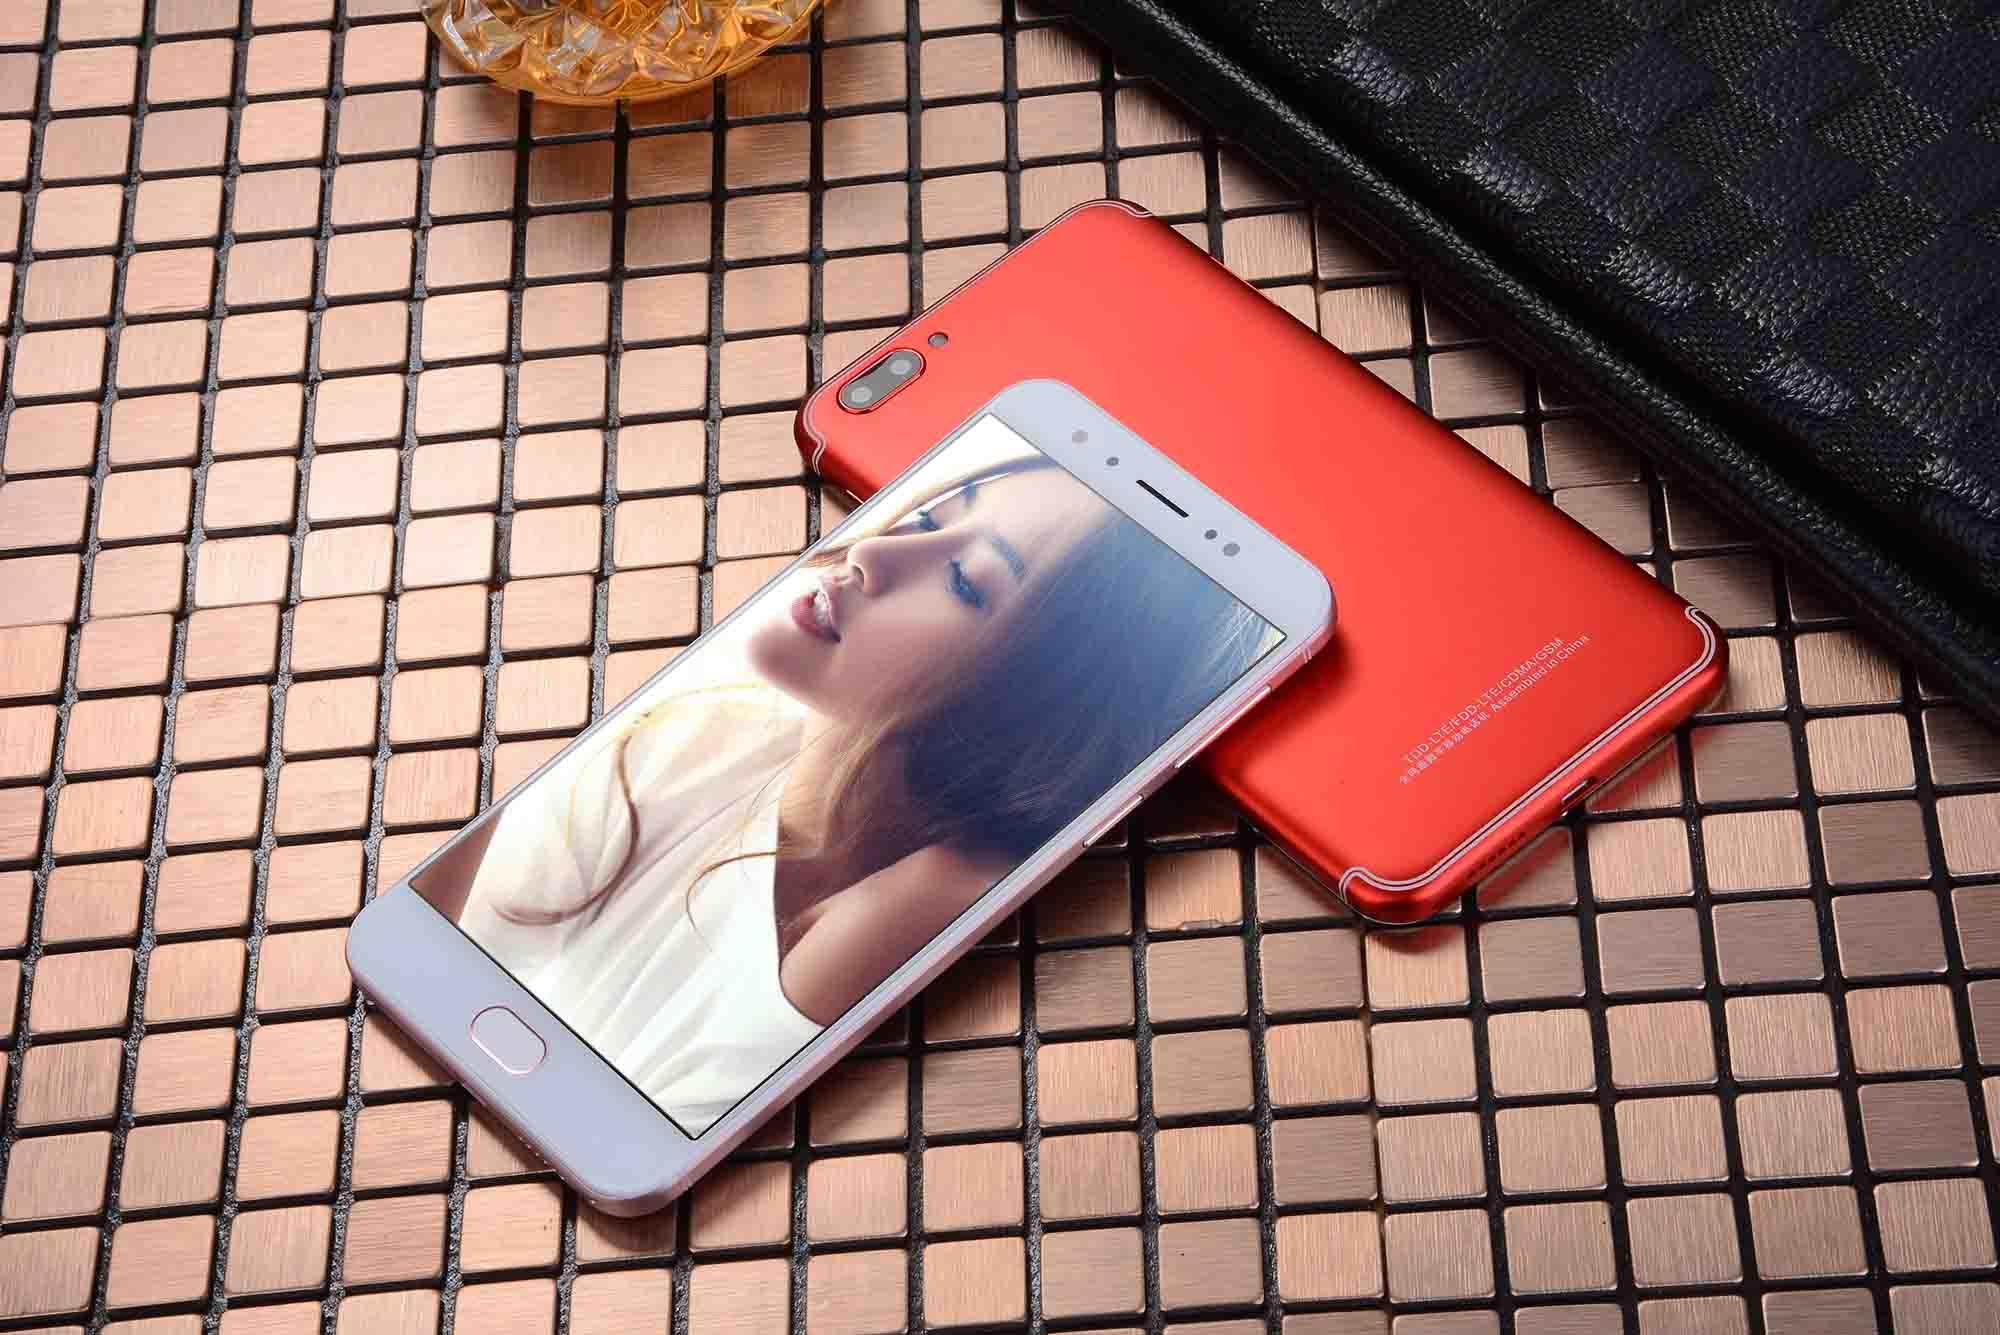 5000积分兑换盈凯YK5.3手机 02一部